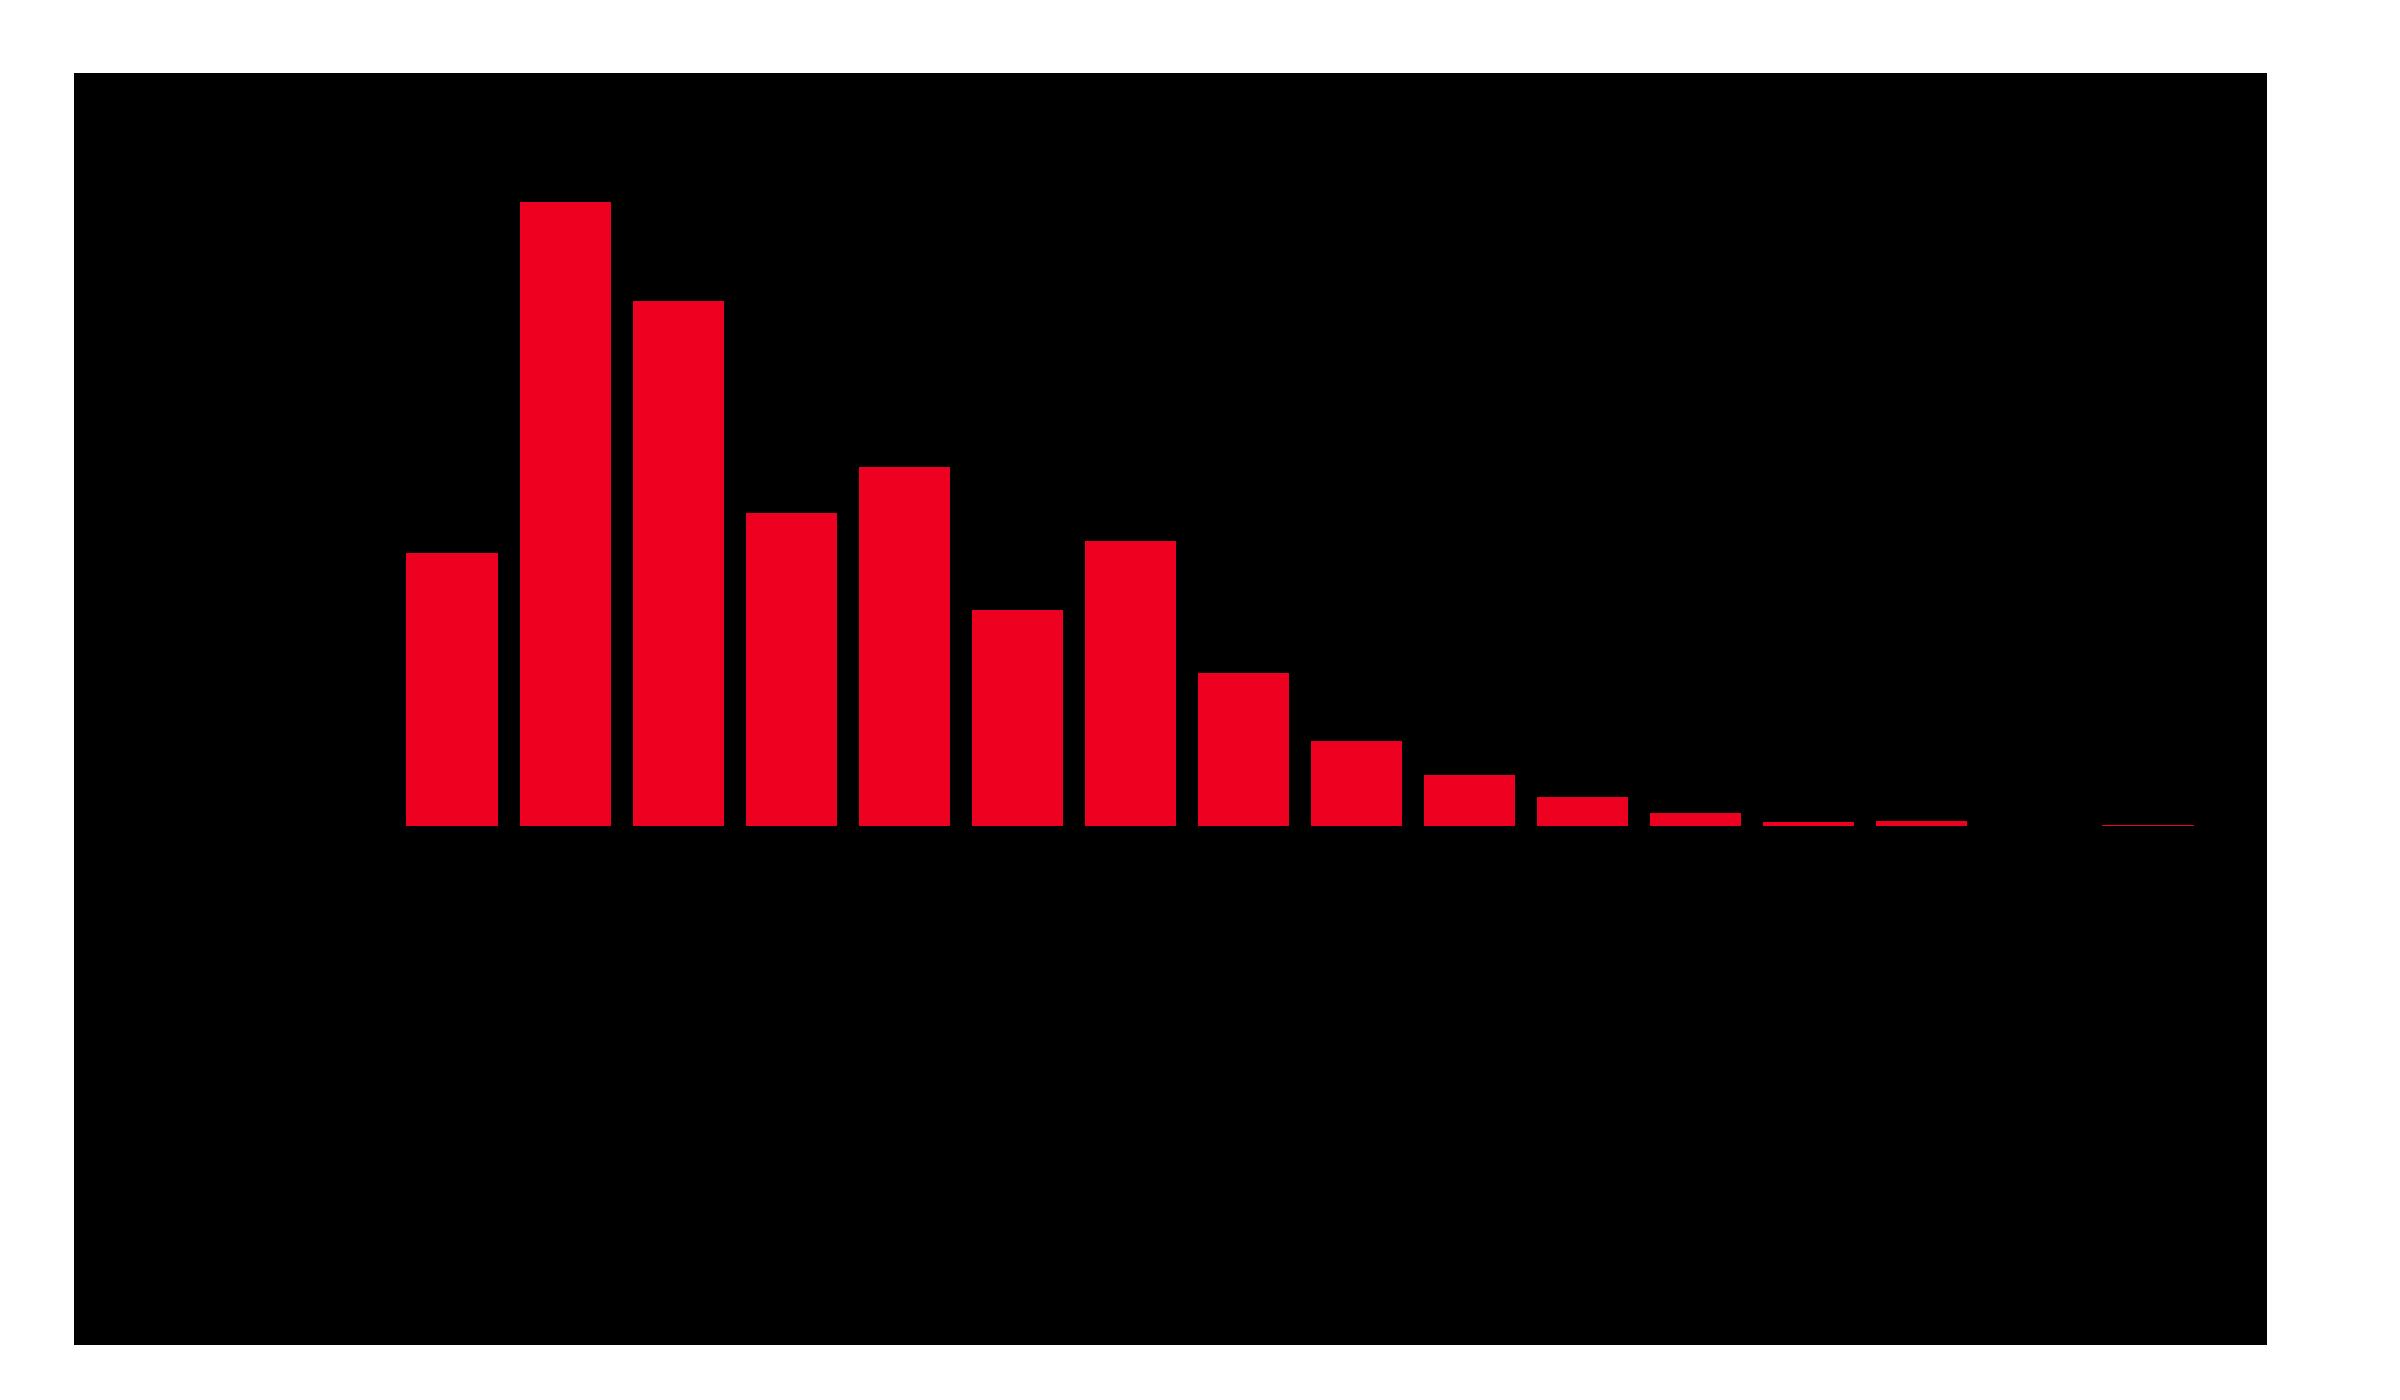 全国の年収分布 総数 女